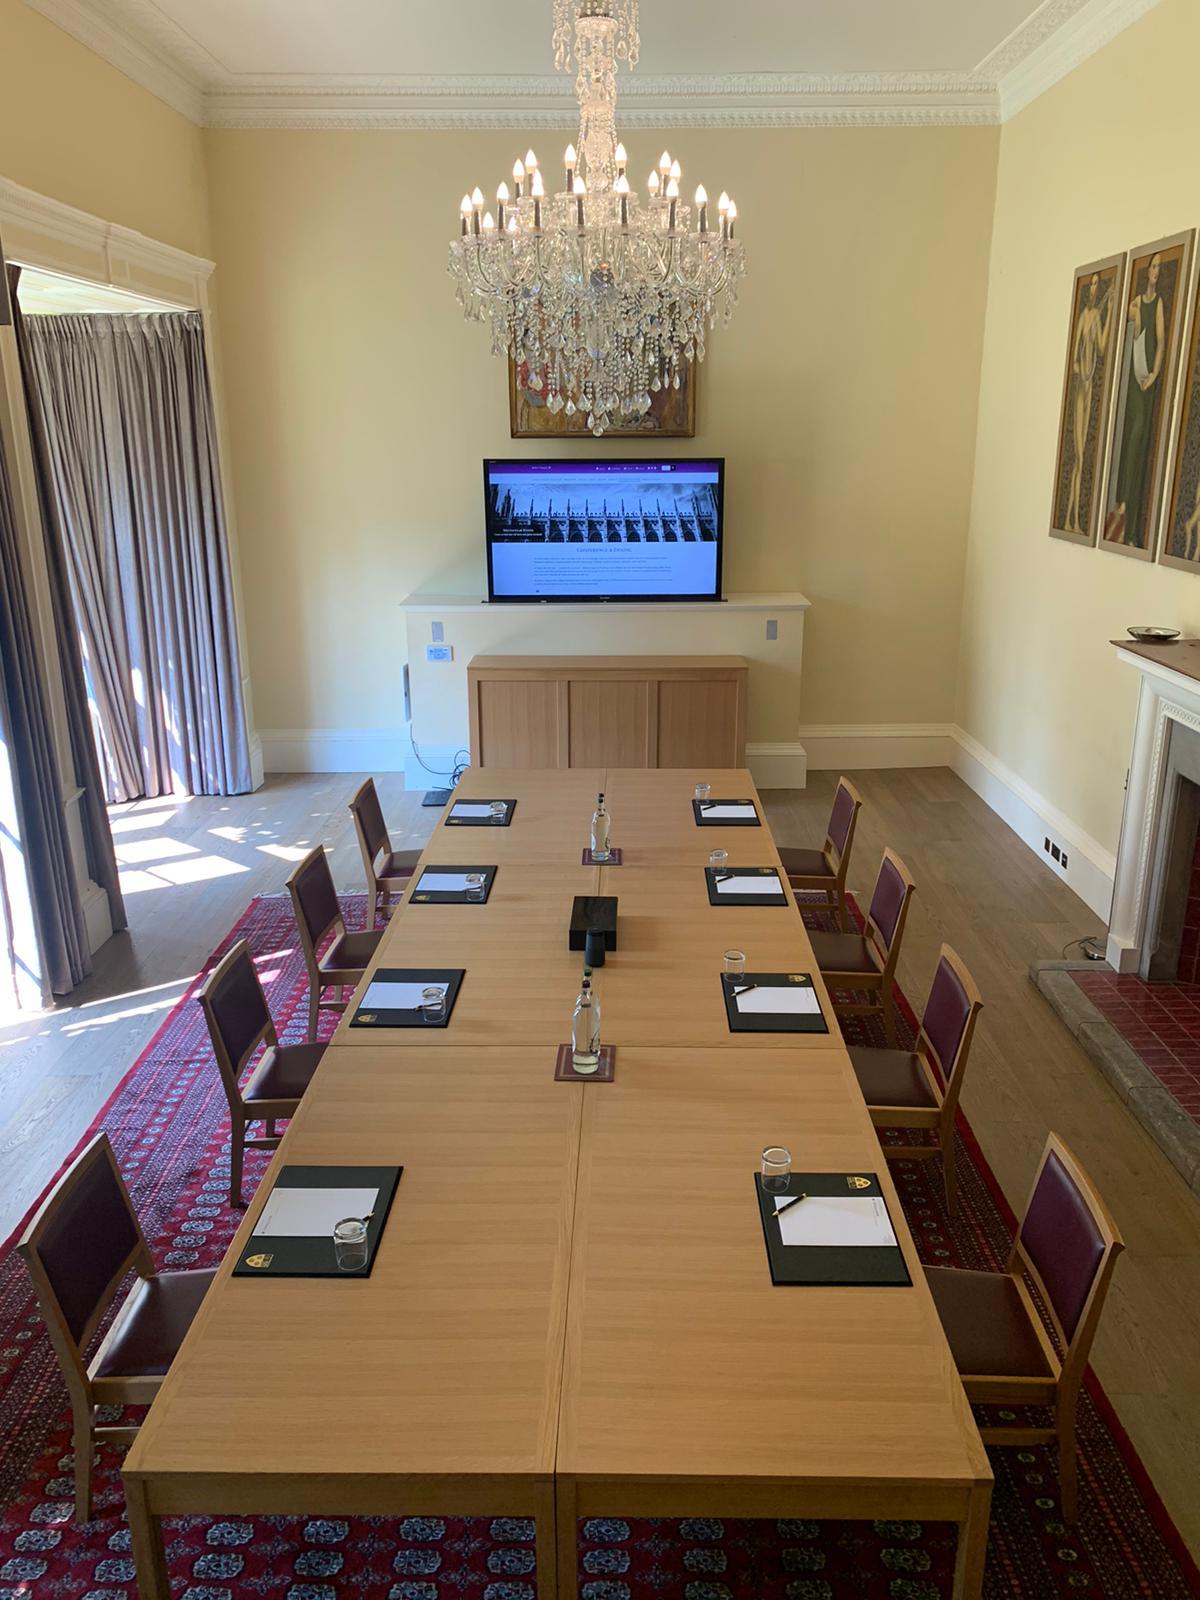 Audit Room Conferences 1